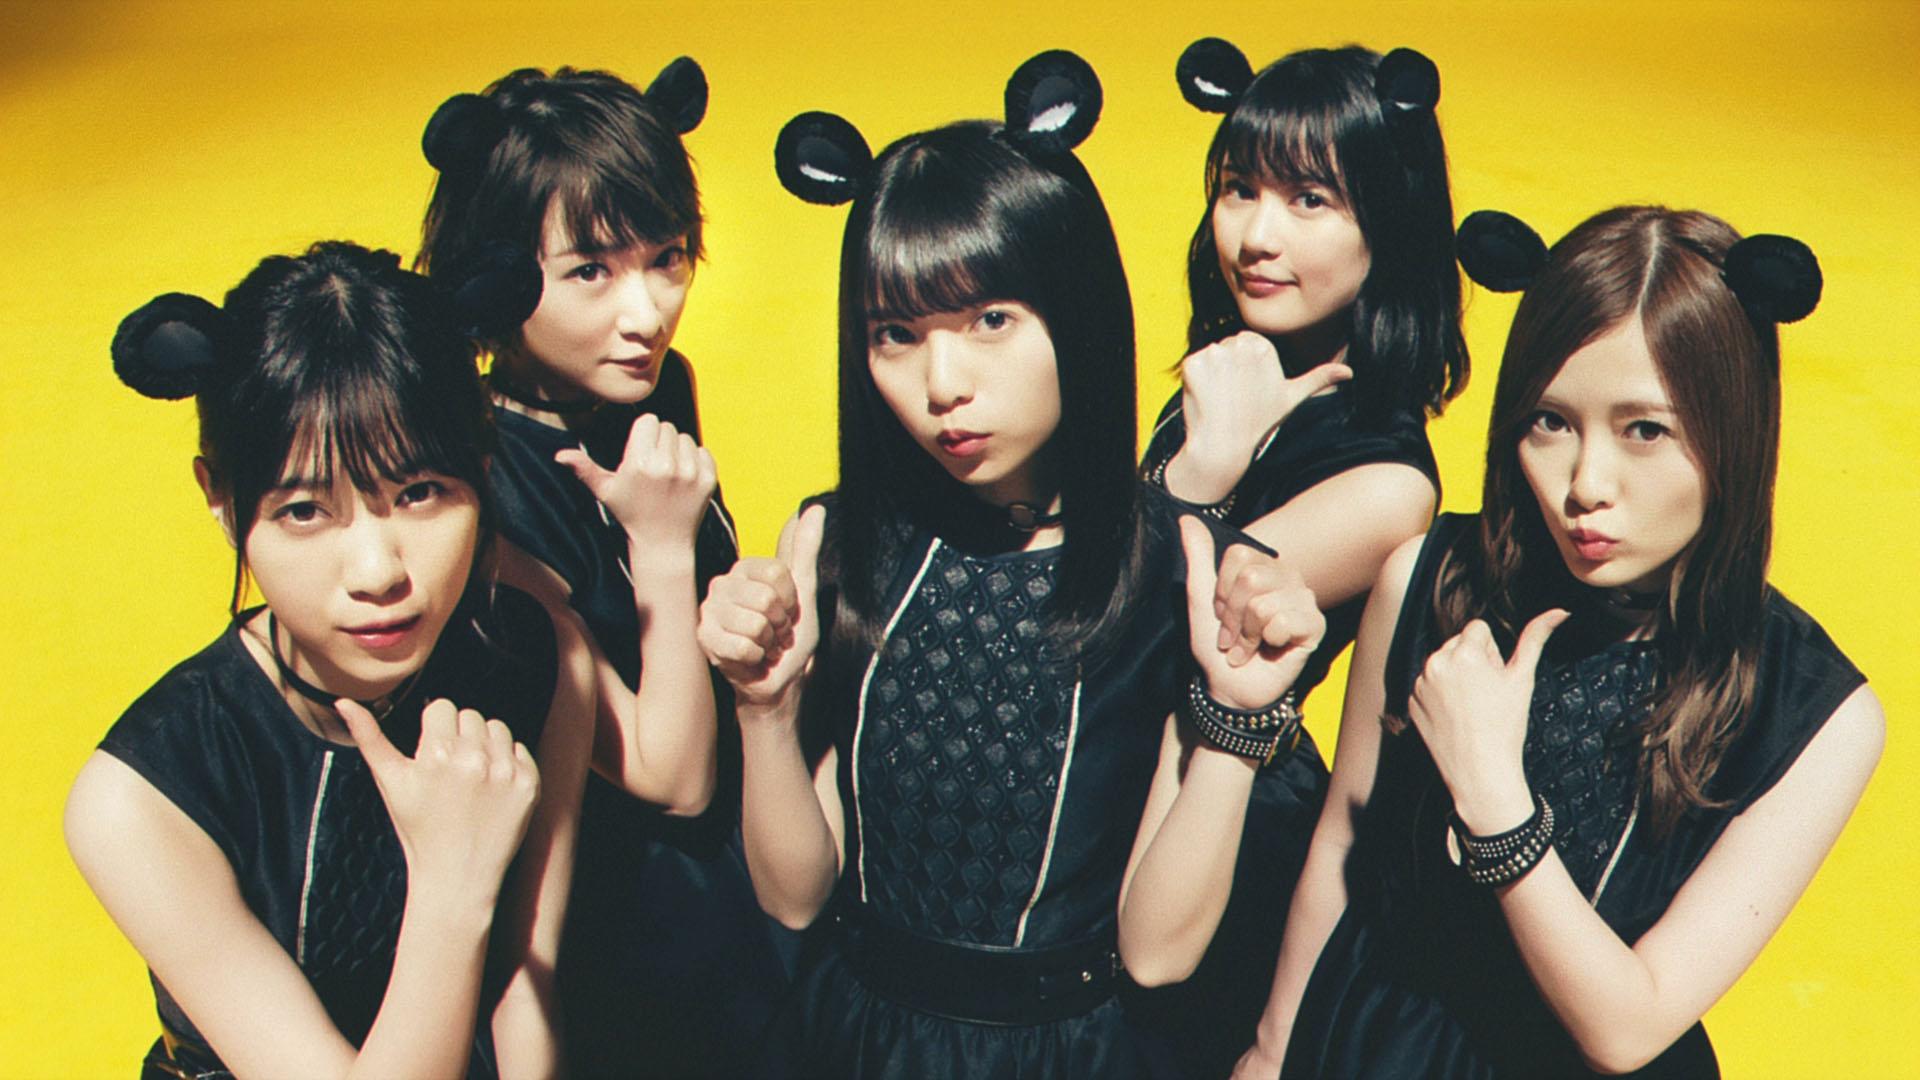 乃木坂46を起用したマウスの最新tv Cmが20日から放送開始 取材中に